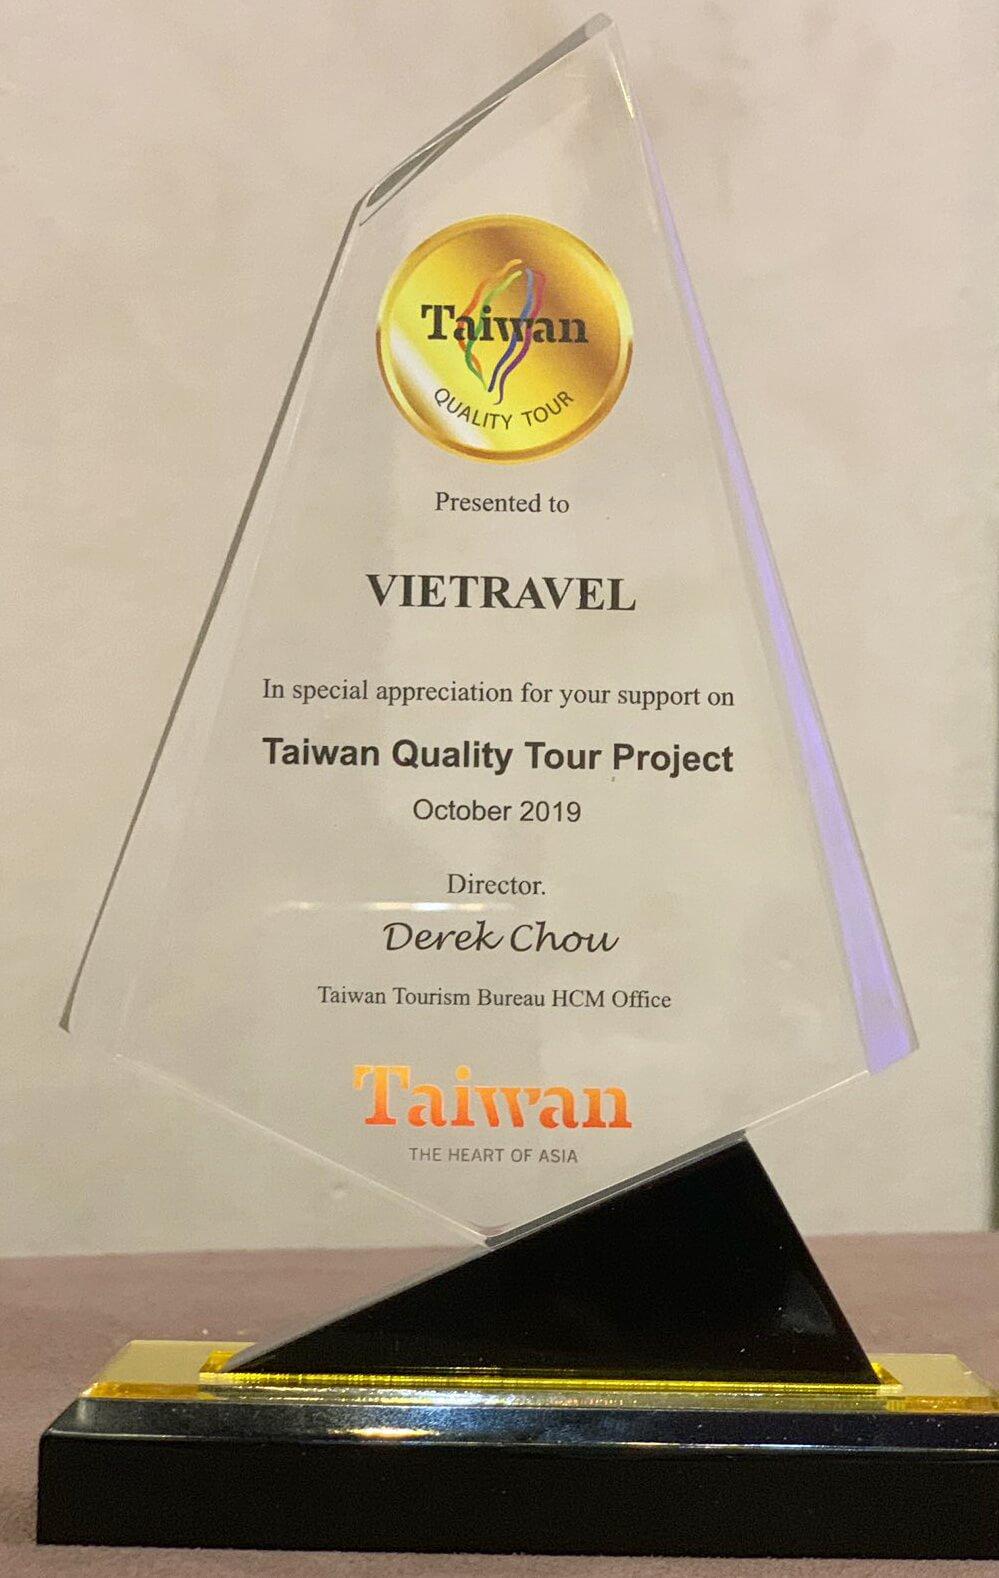 Vietravel được Tổng Cục Du lịch Đài Loan trao chứng nhận là Công ty thực hiện tour Đài Loan chất lượng cao